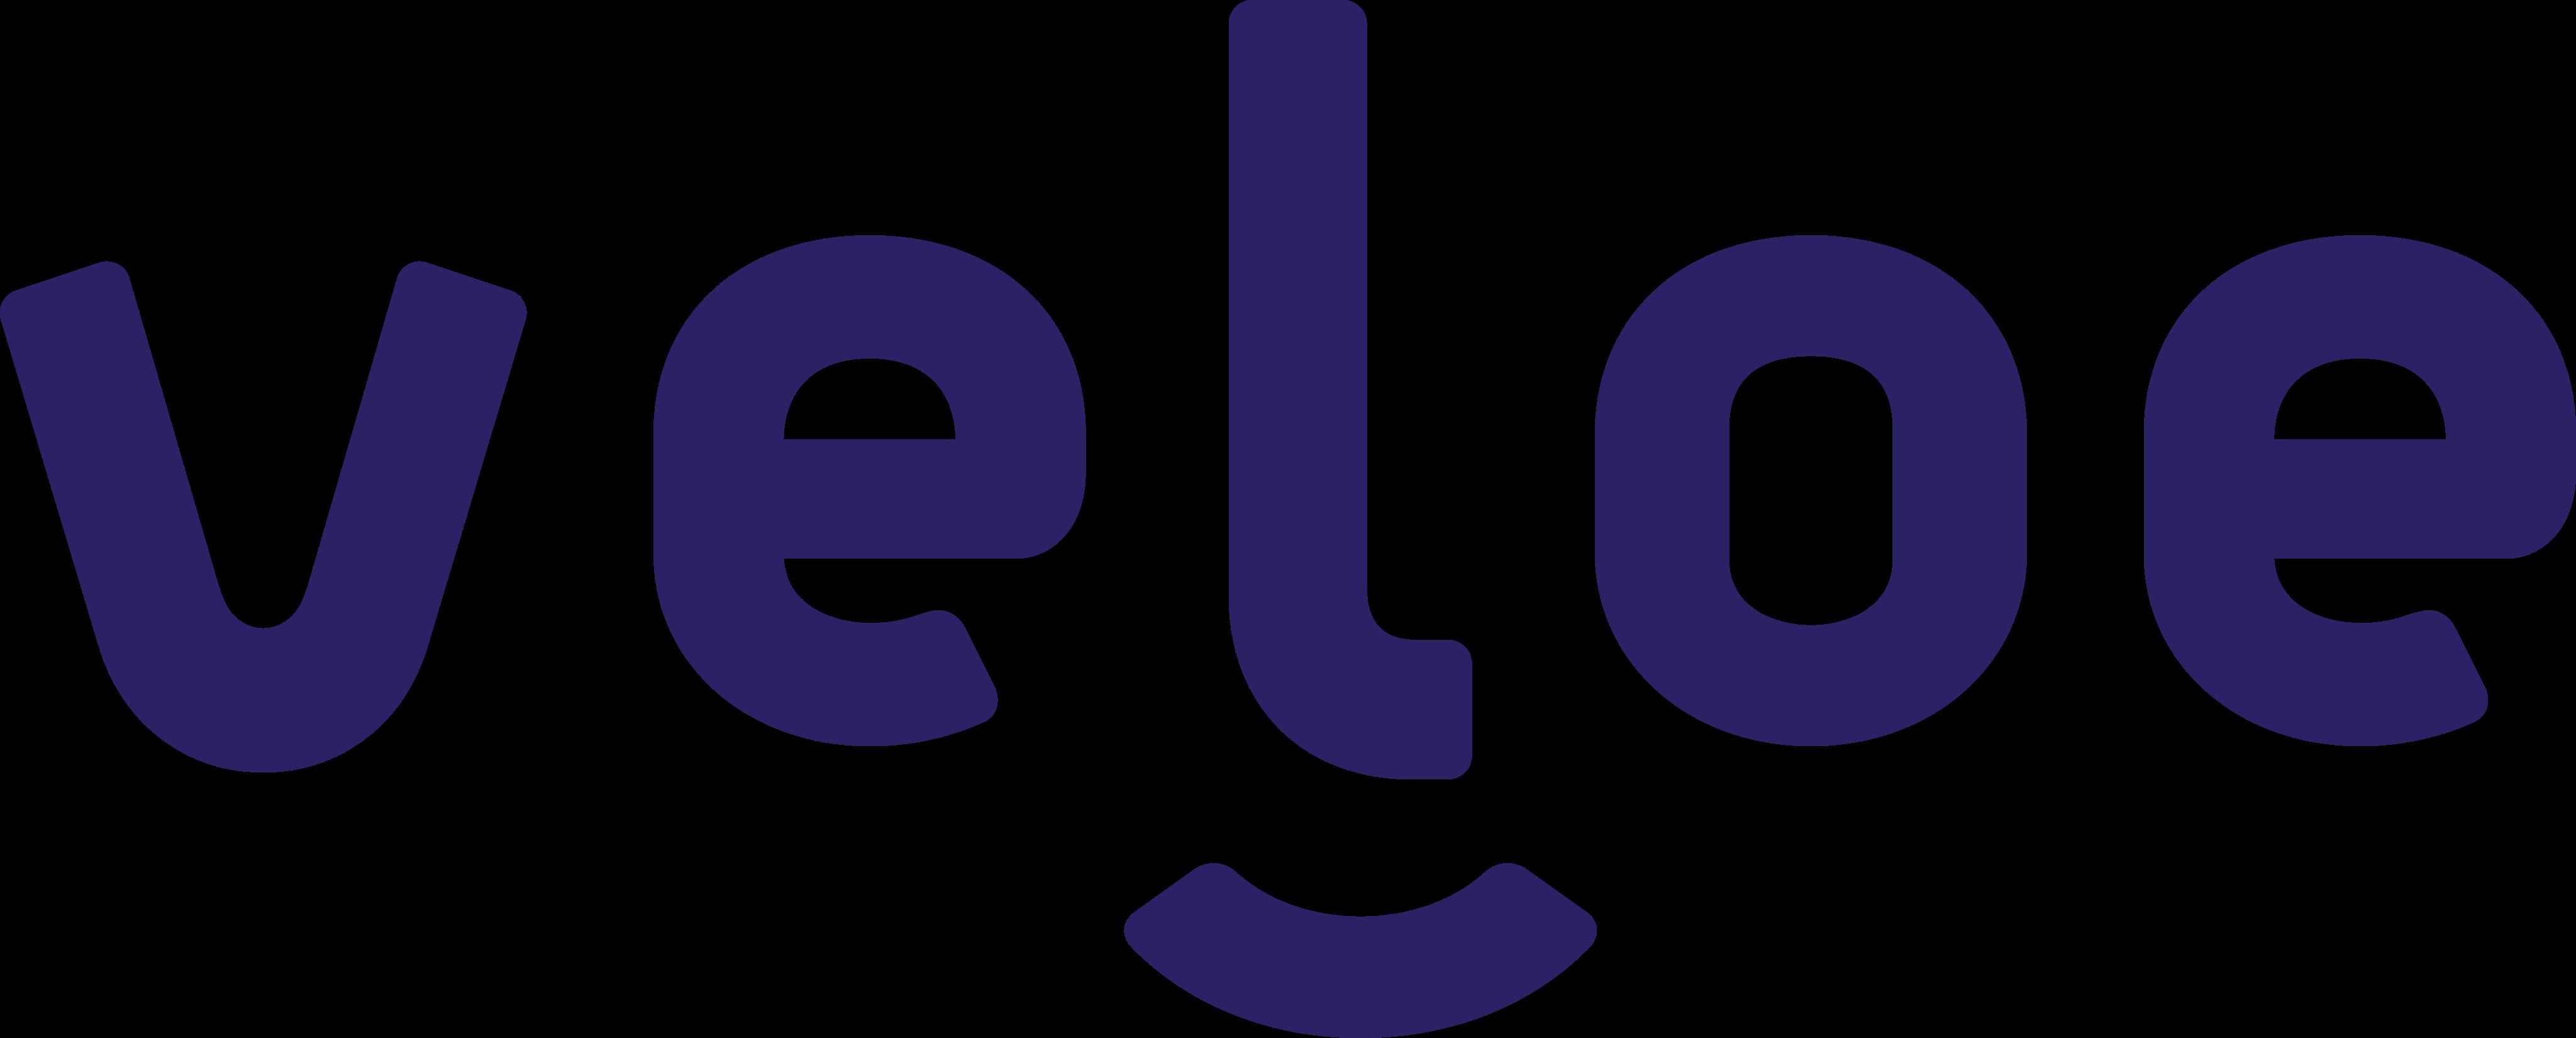 veloe logo 1 - Veloe Logo